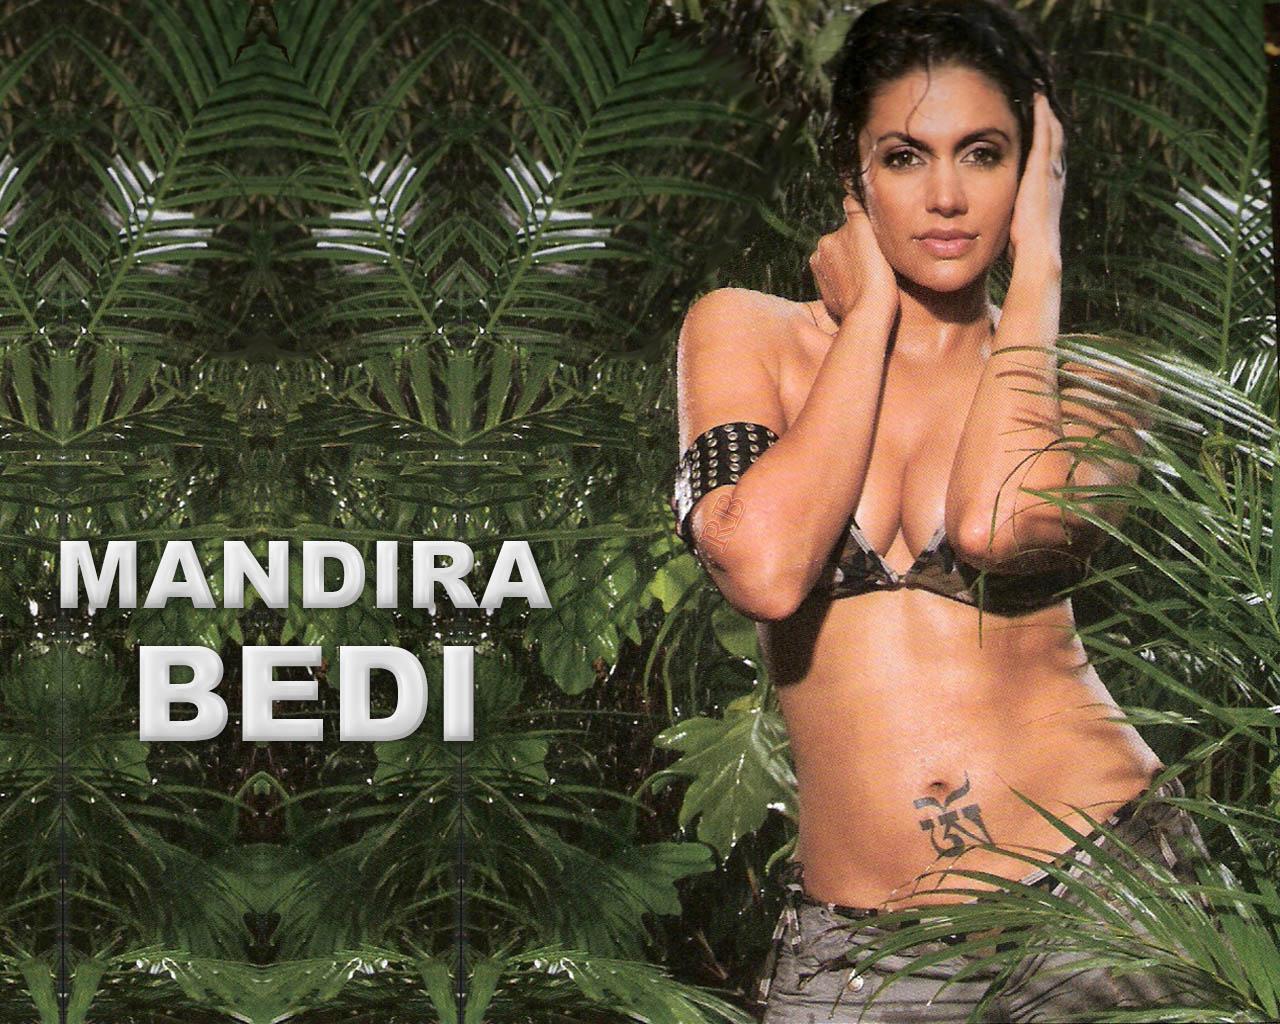 http://4.bp.blogspot.com/_TiCO8op_NpI/TE84pzXfaNI/AAAAAAAASm4/DhikgNY4Vbc/s1600/Mandira+Bedi.jpg+%2814%29.jpg